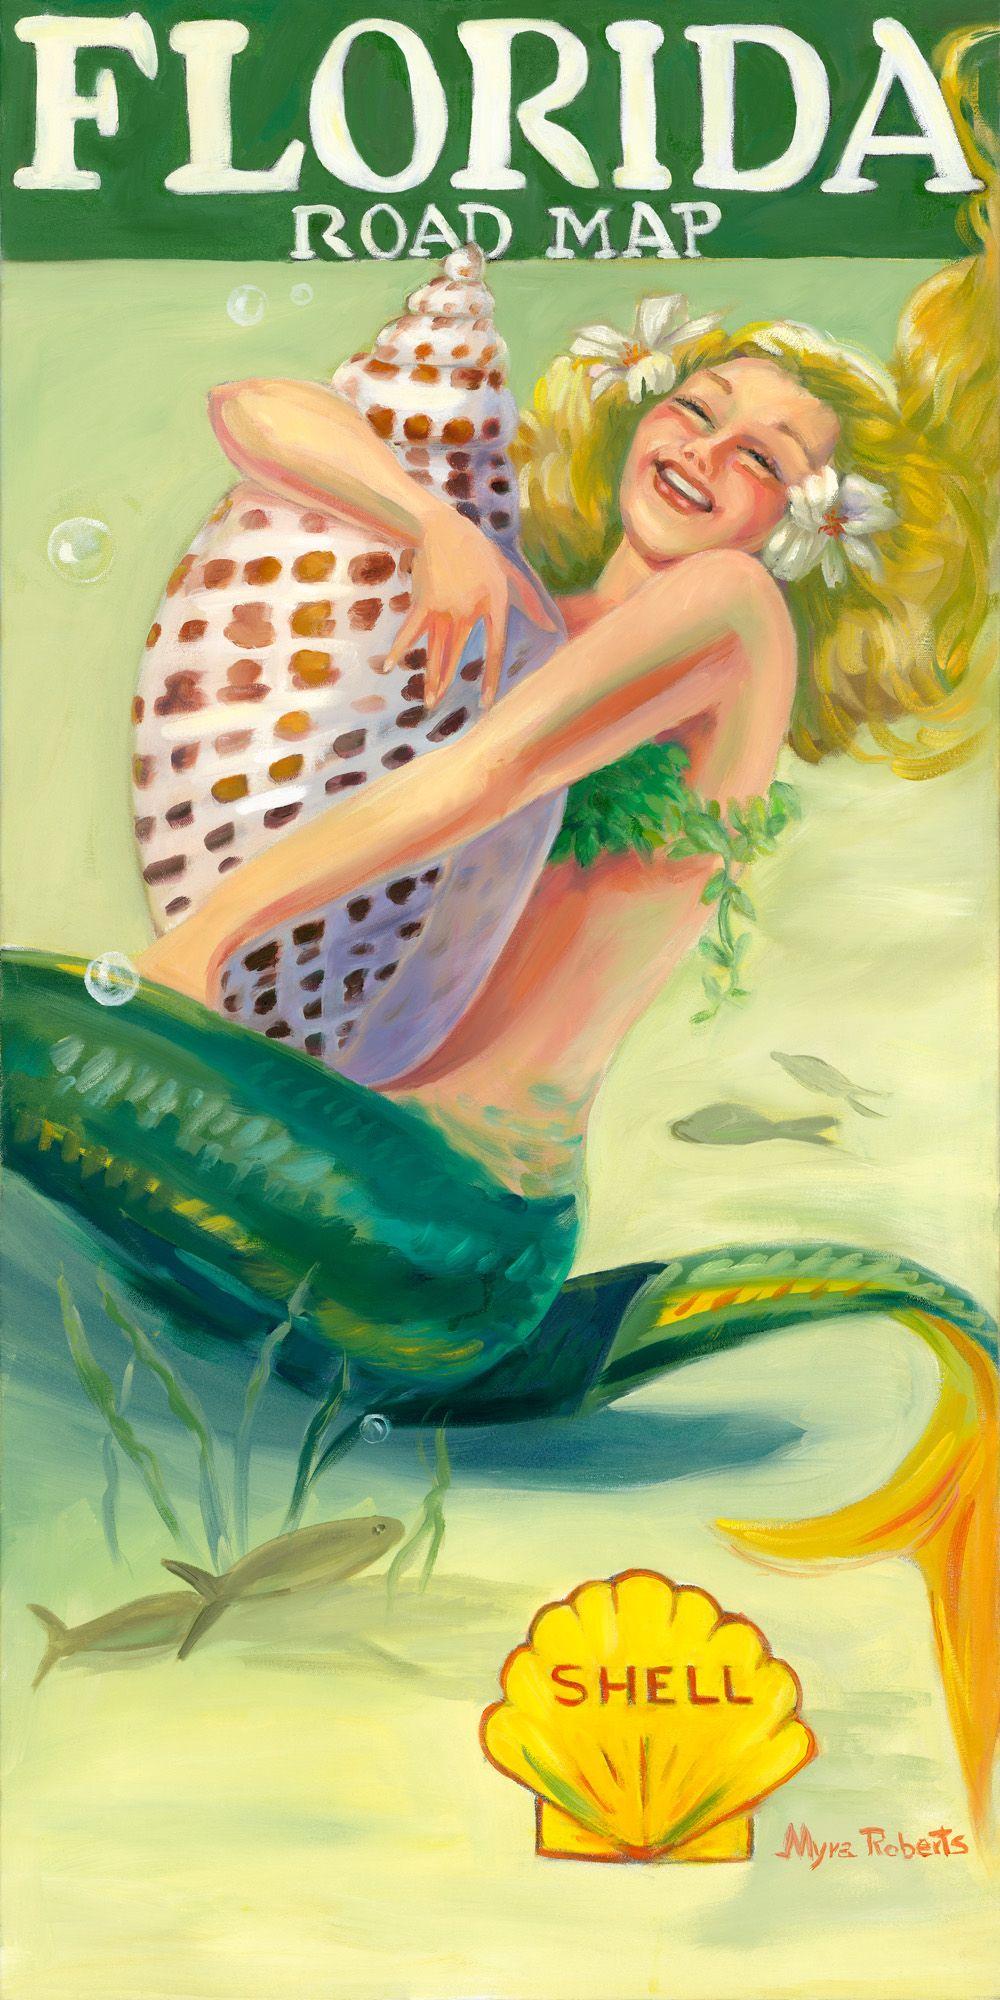 Florida Road Map original oil painting - mermaid